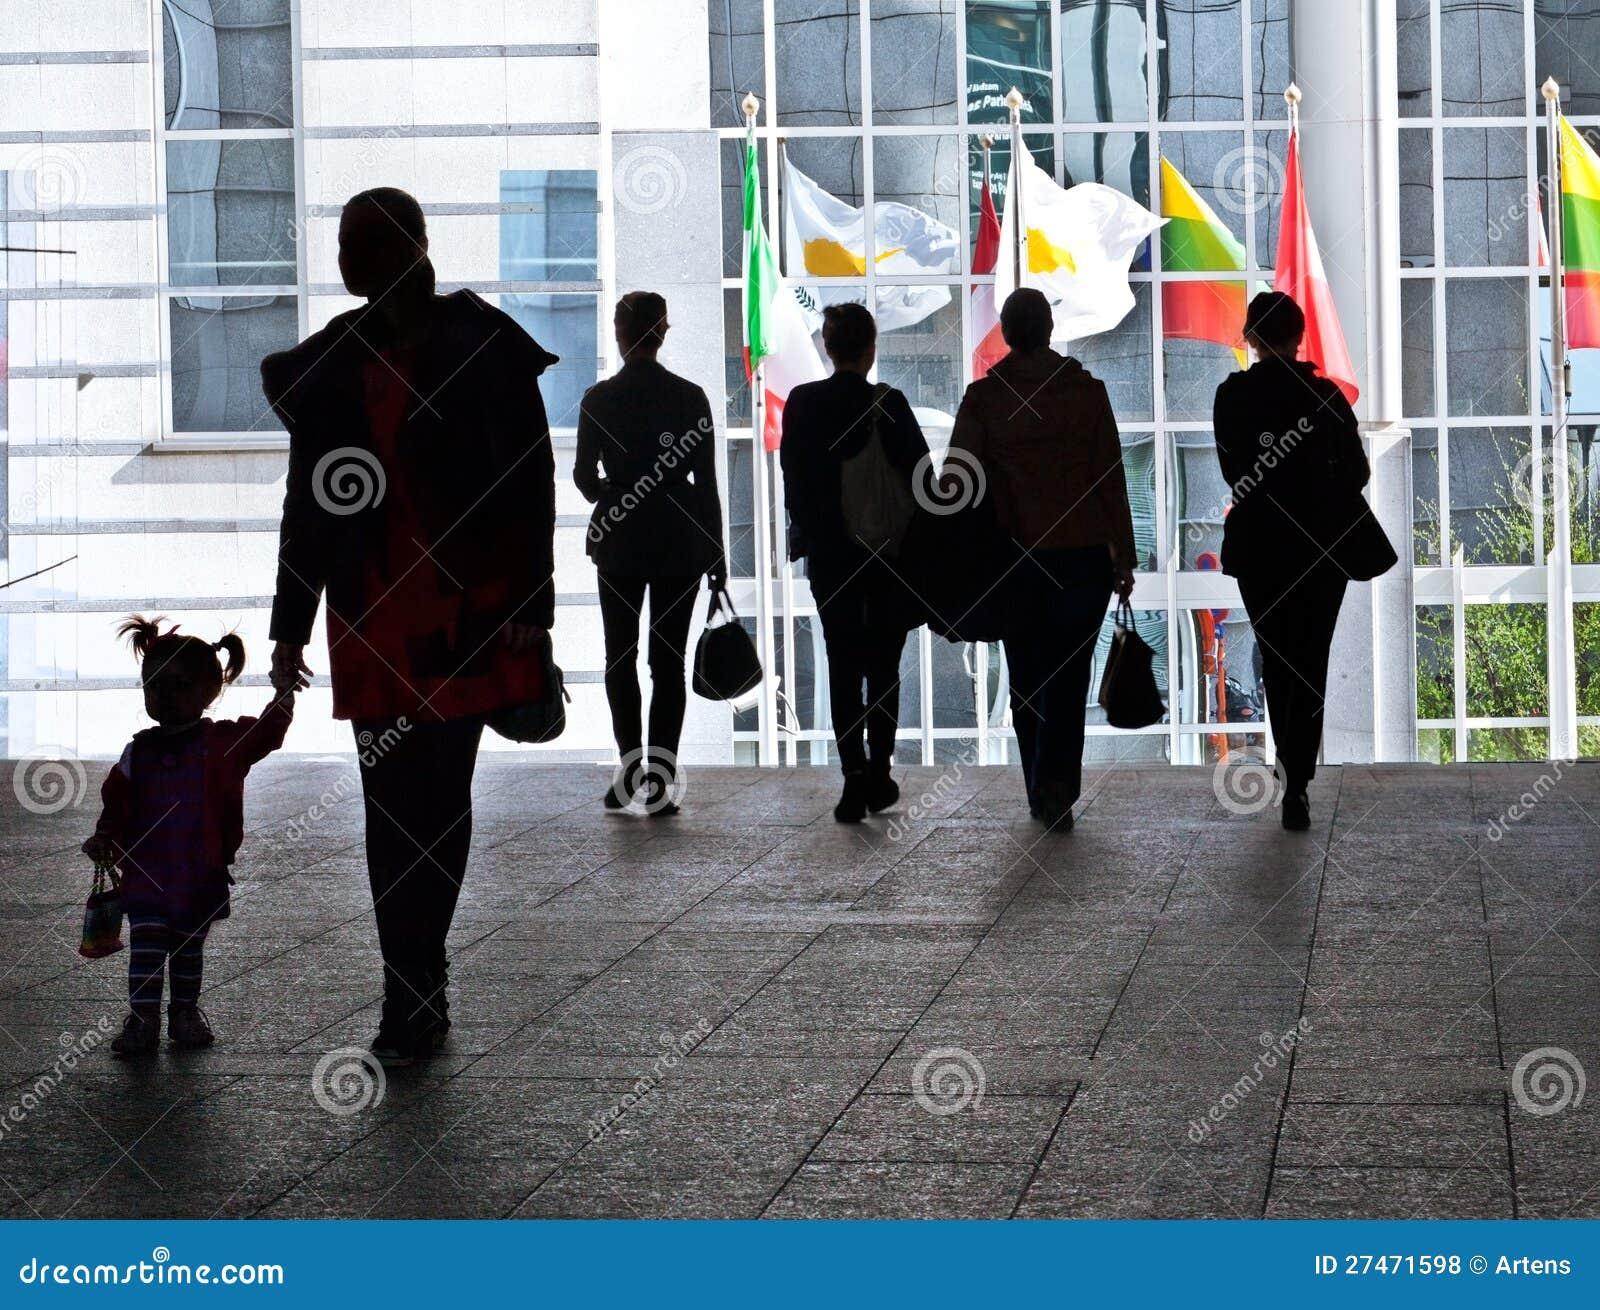 Groupe de personnes marche. Silhouettes.